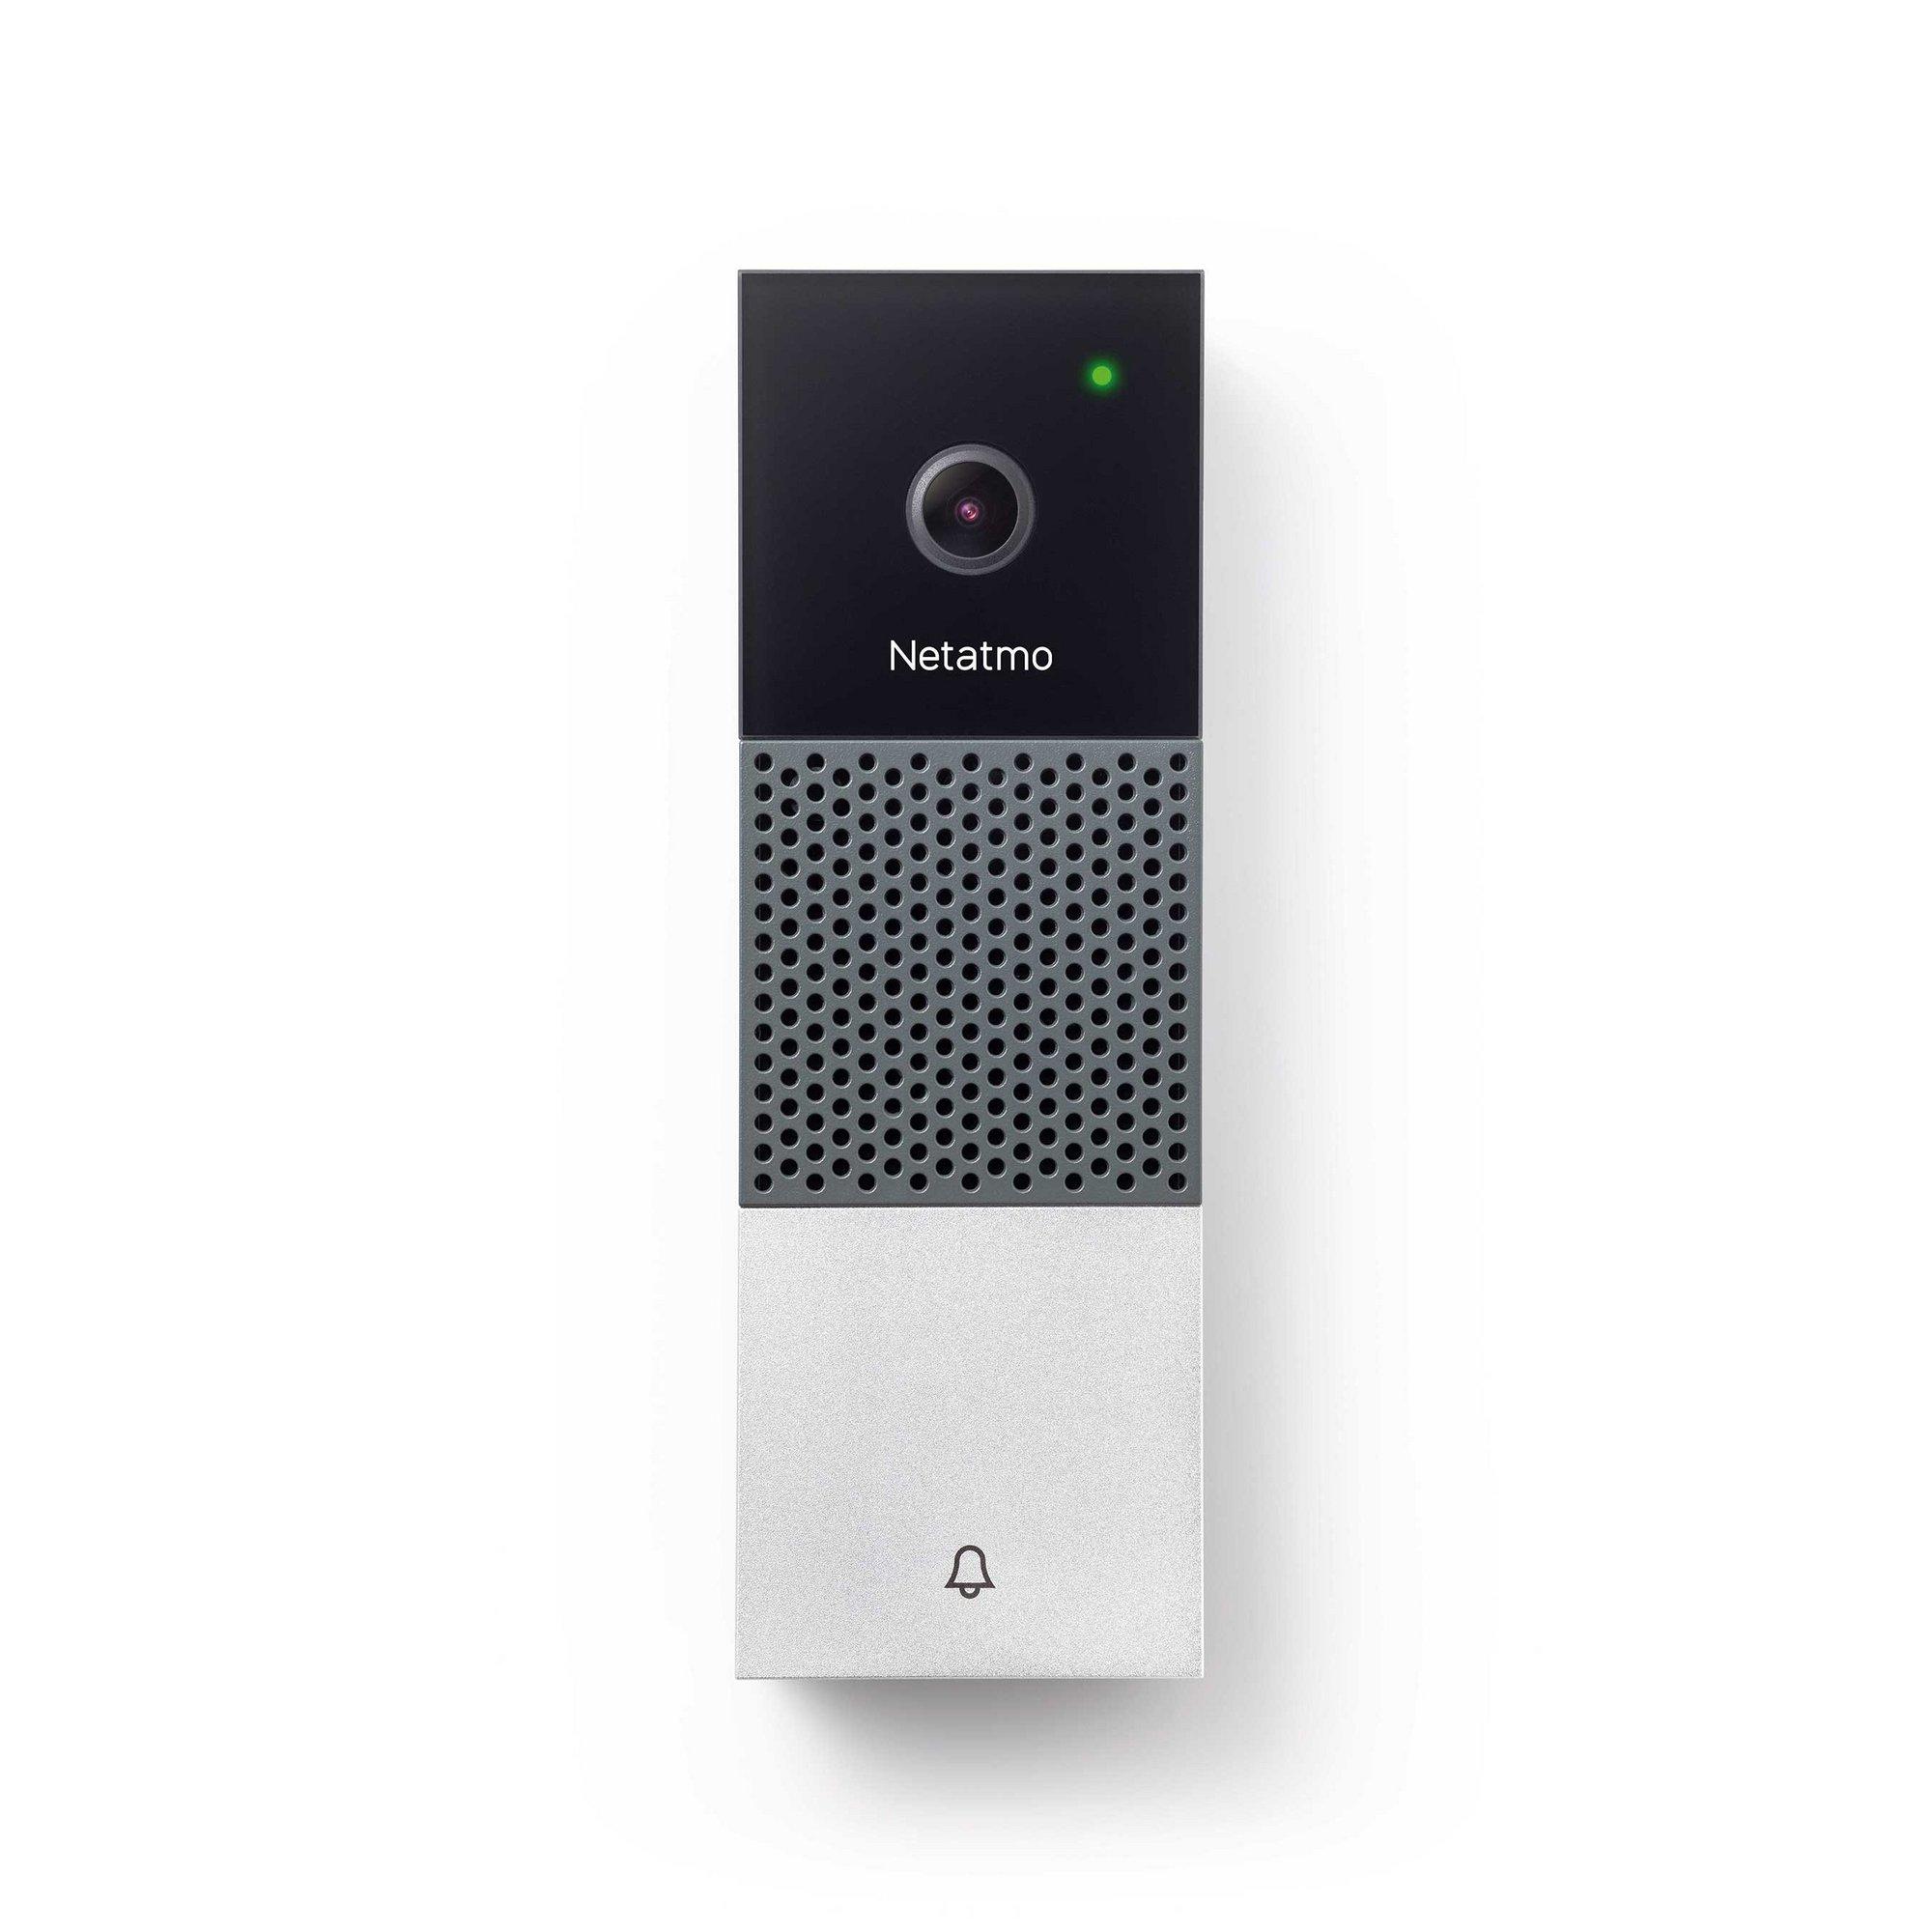 Image of Netatmo Smart Video Doorbell